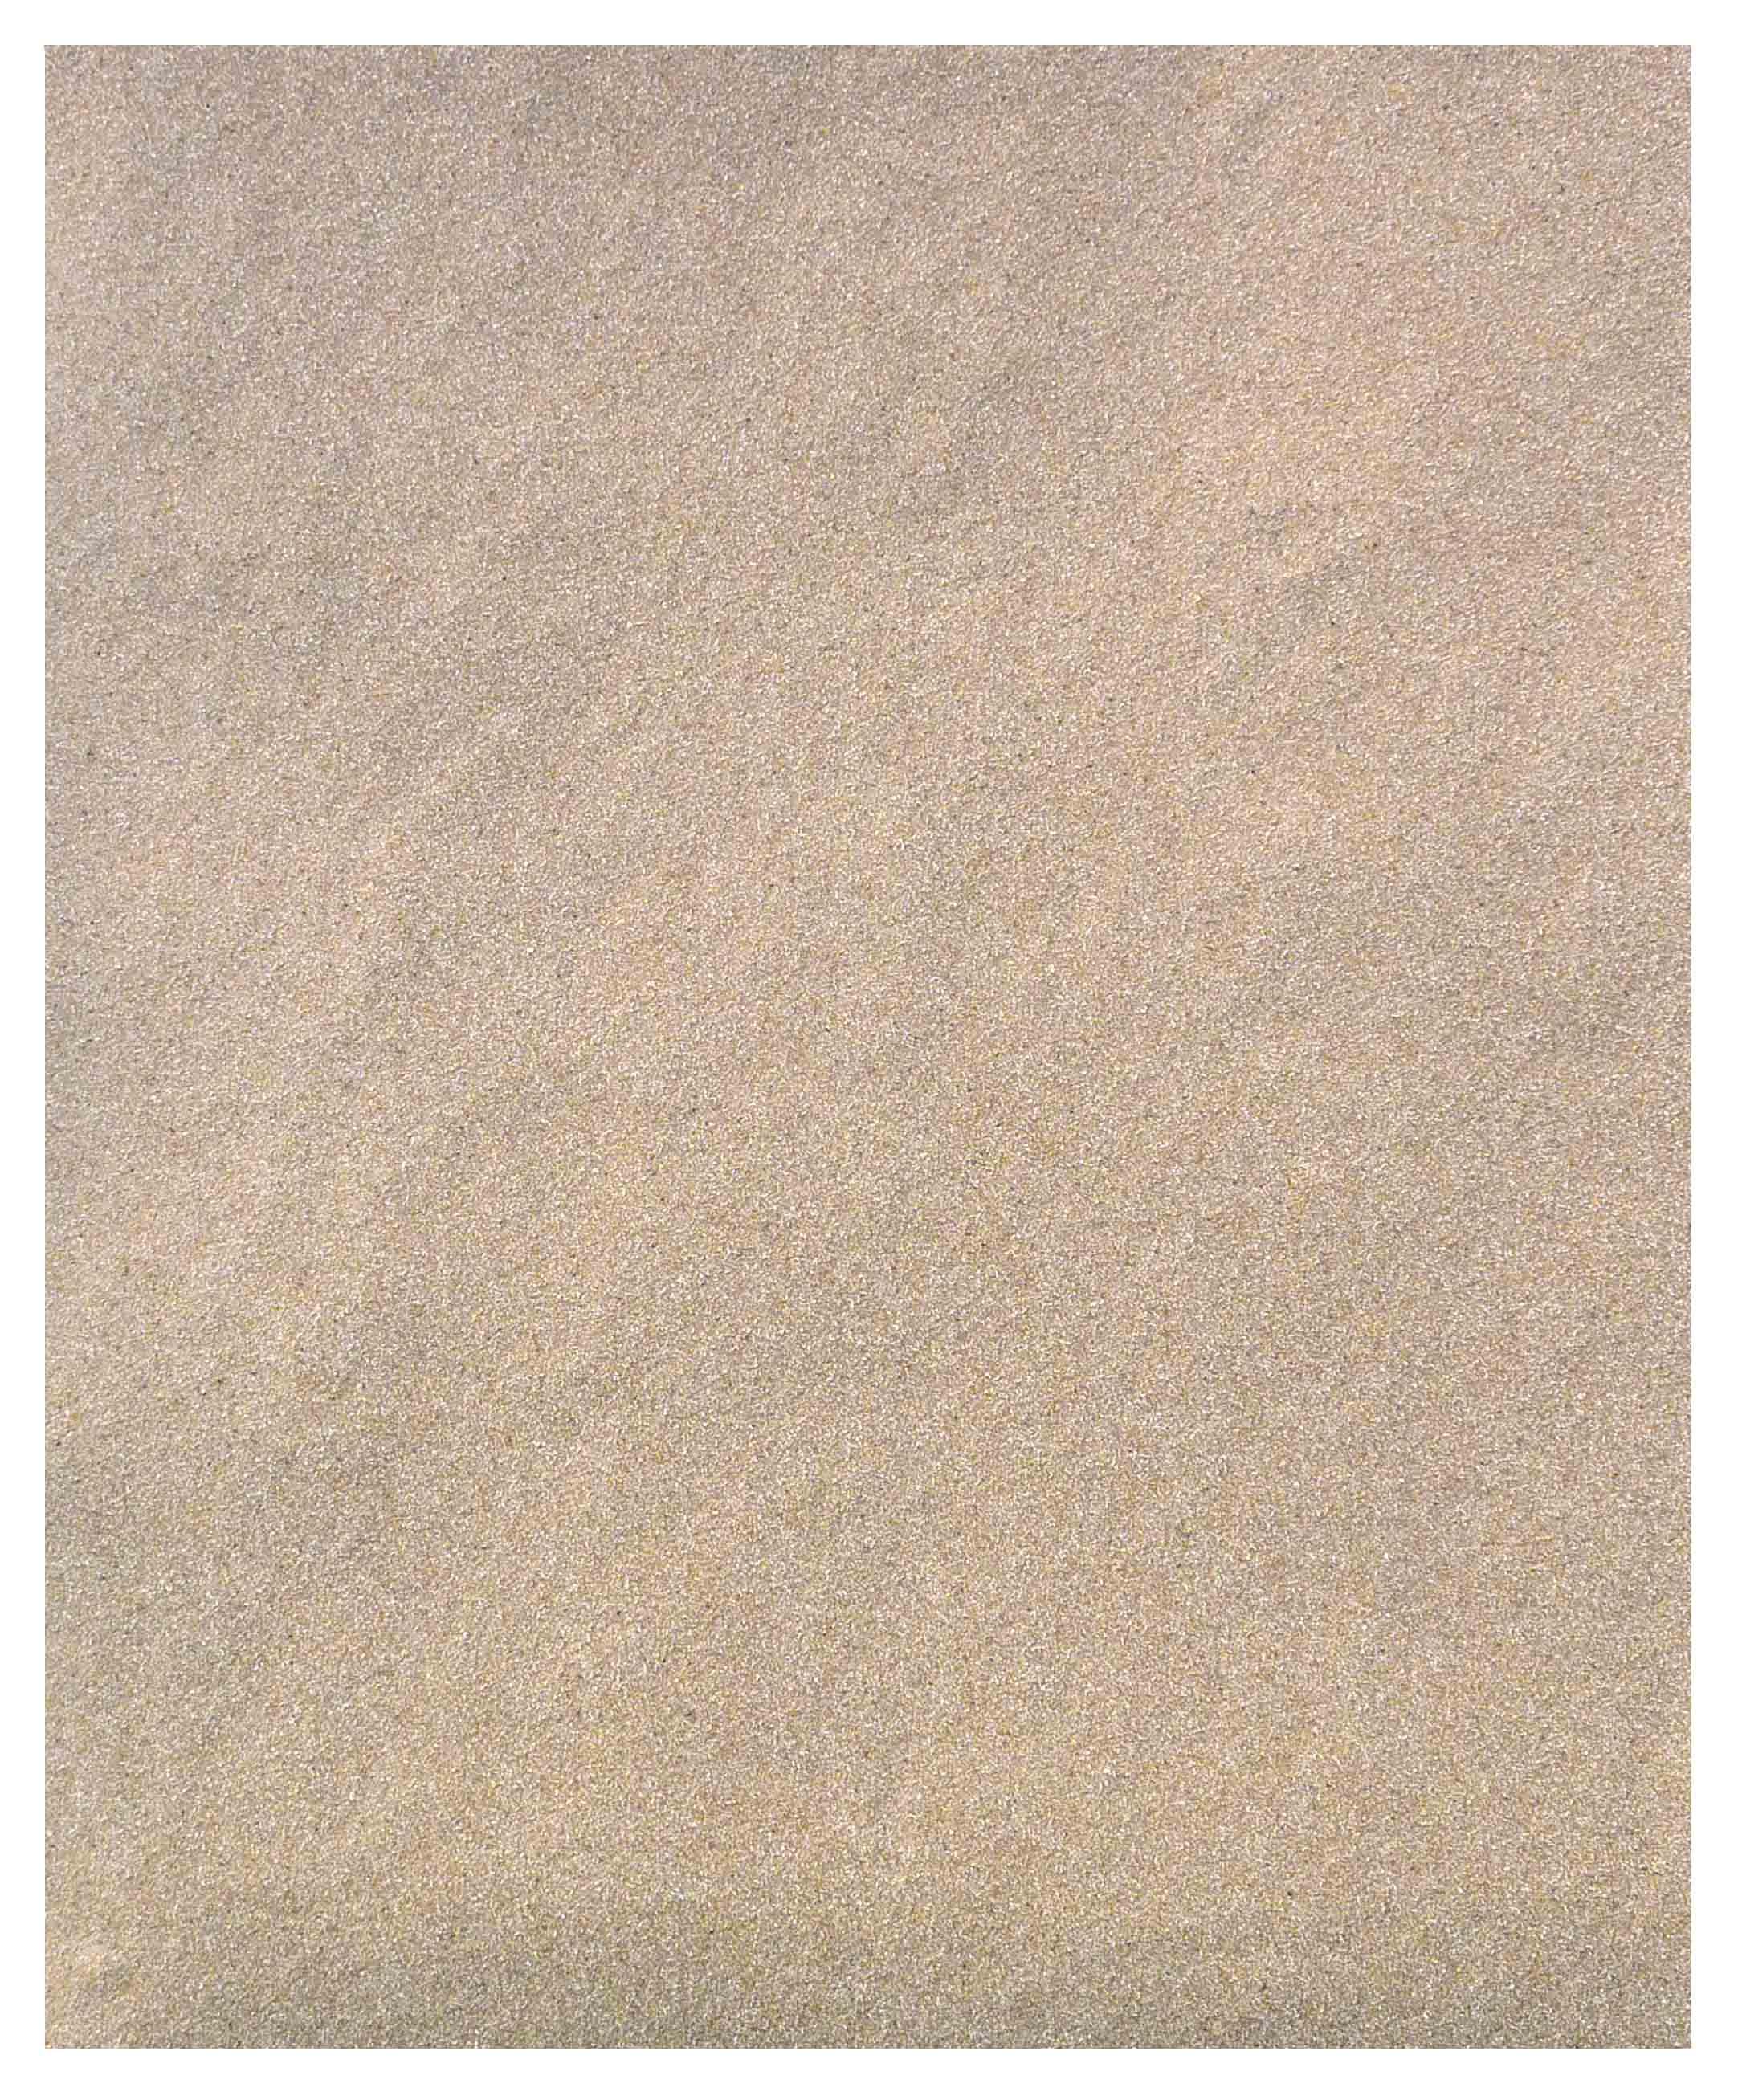 Papier silex 23x28 cm gr.100 - Lot de 50 feuilles